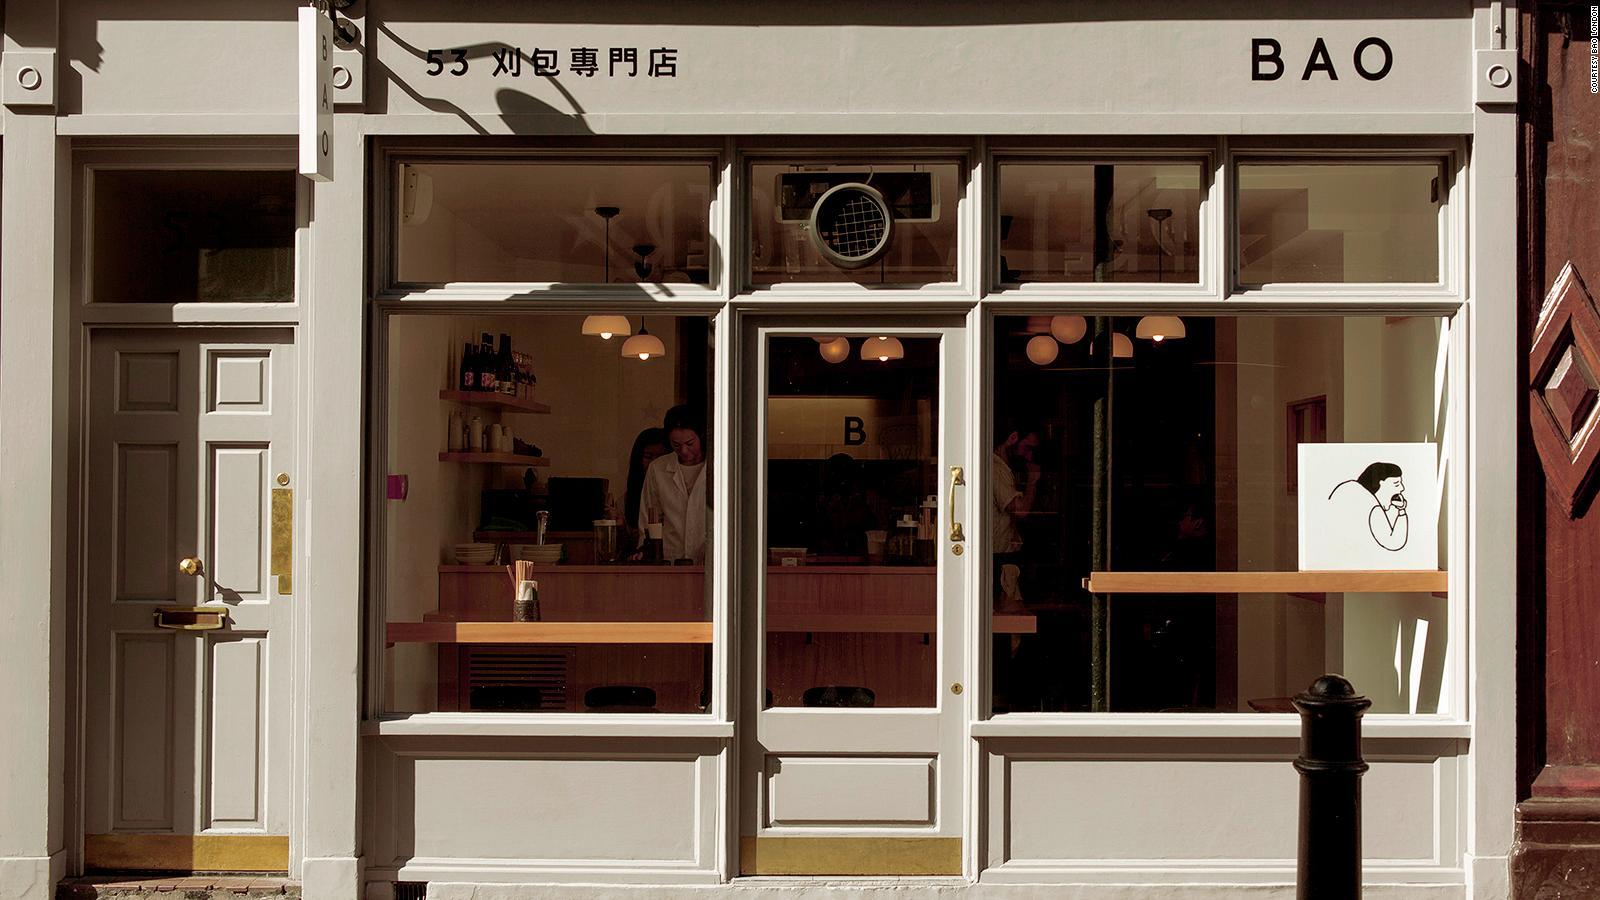 Gua bao: Taiwan's 'hamburger' is taking over the world | CNN